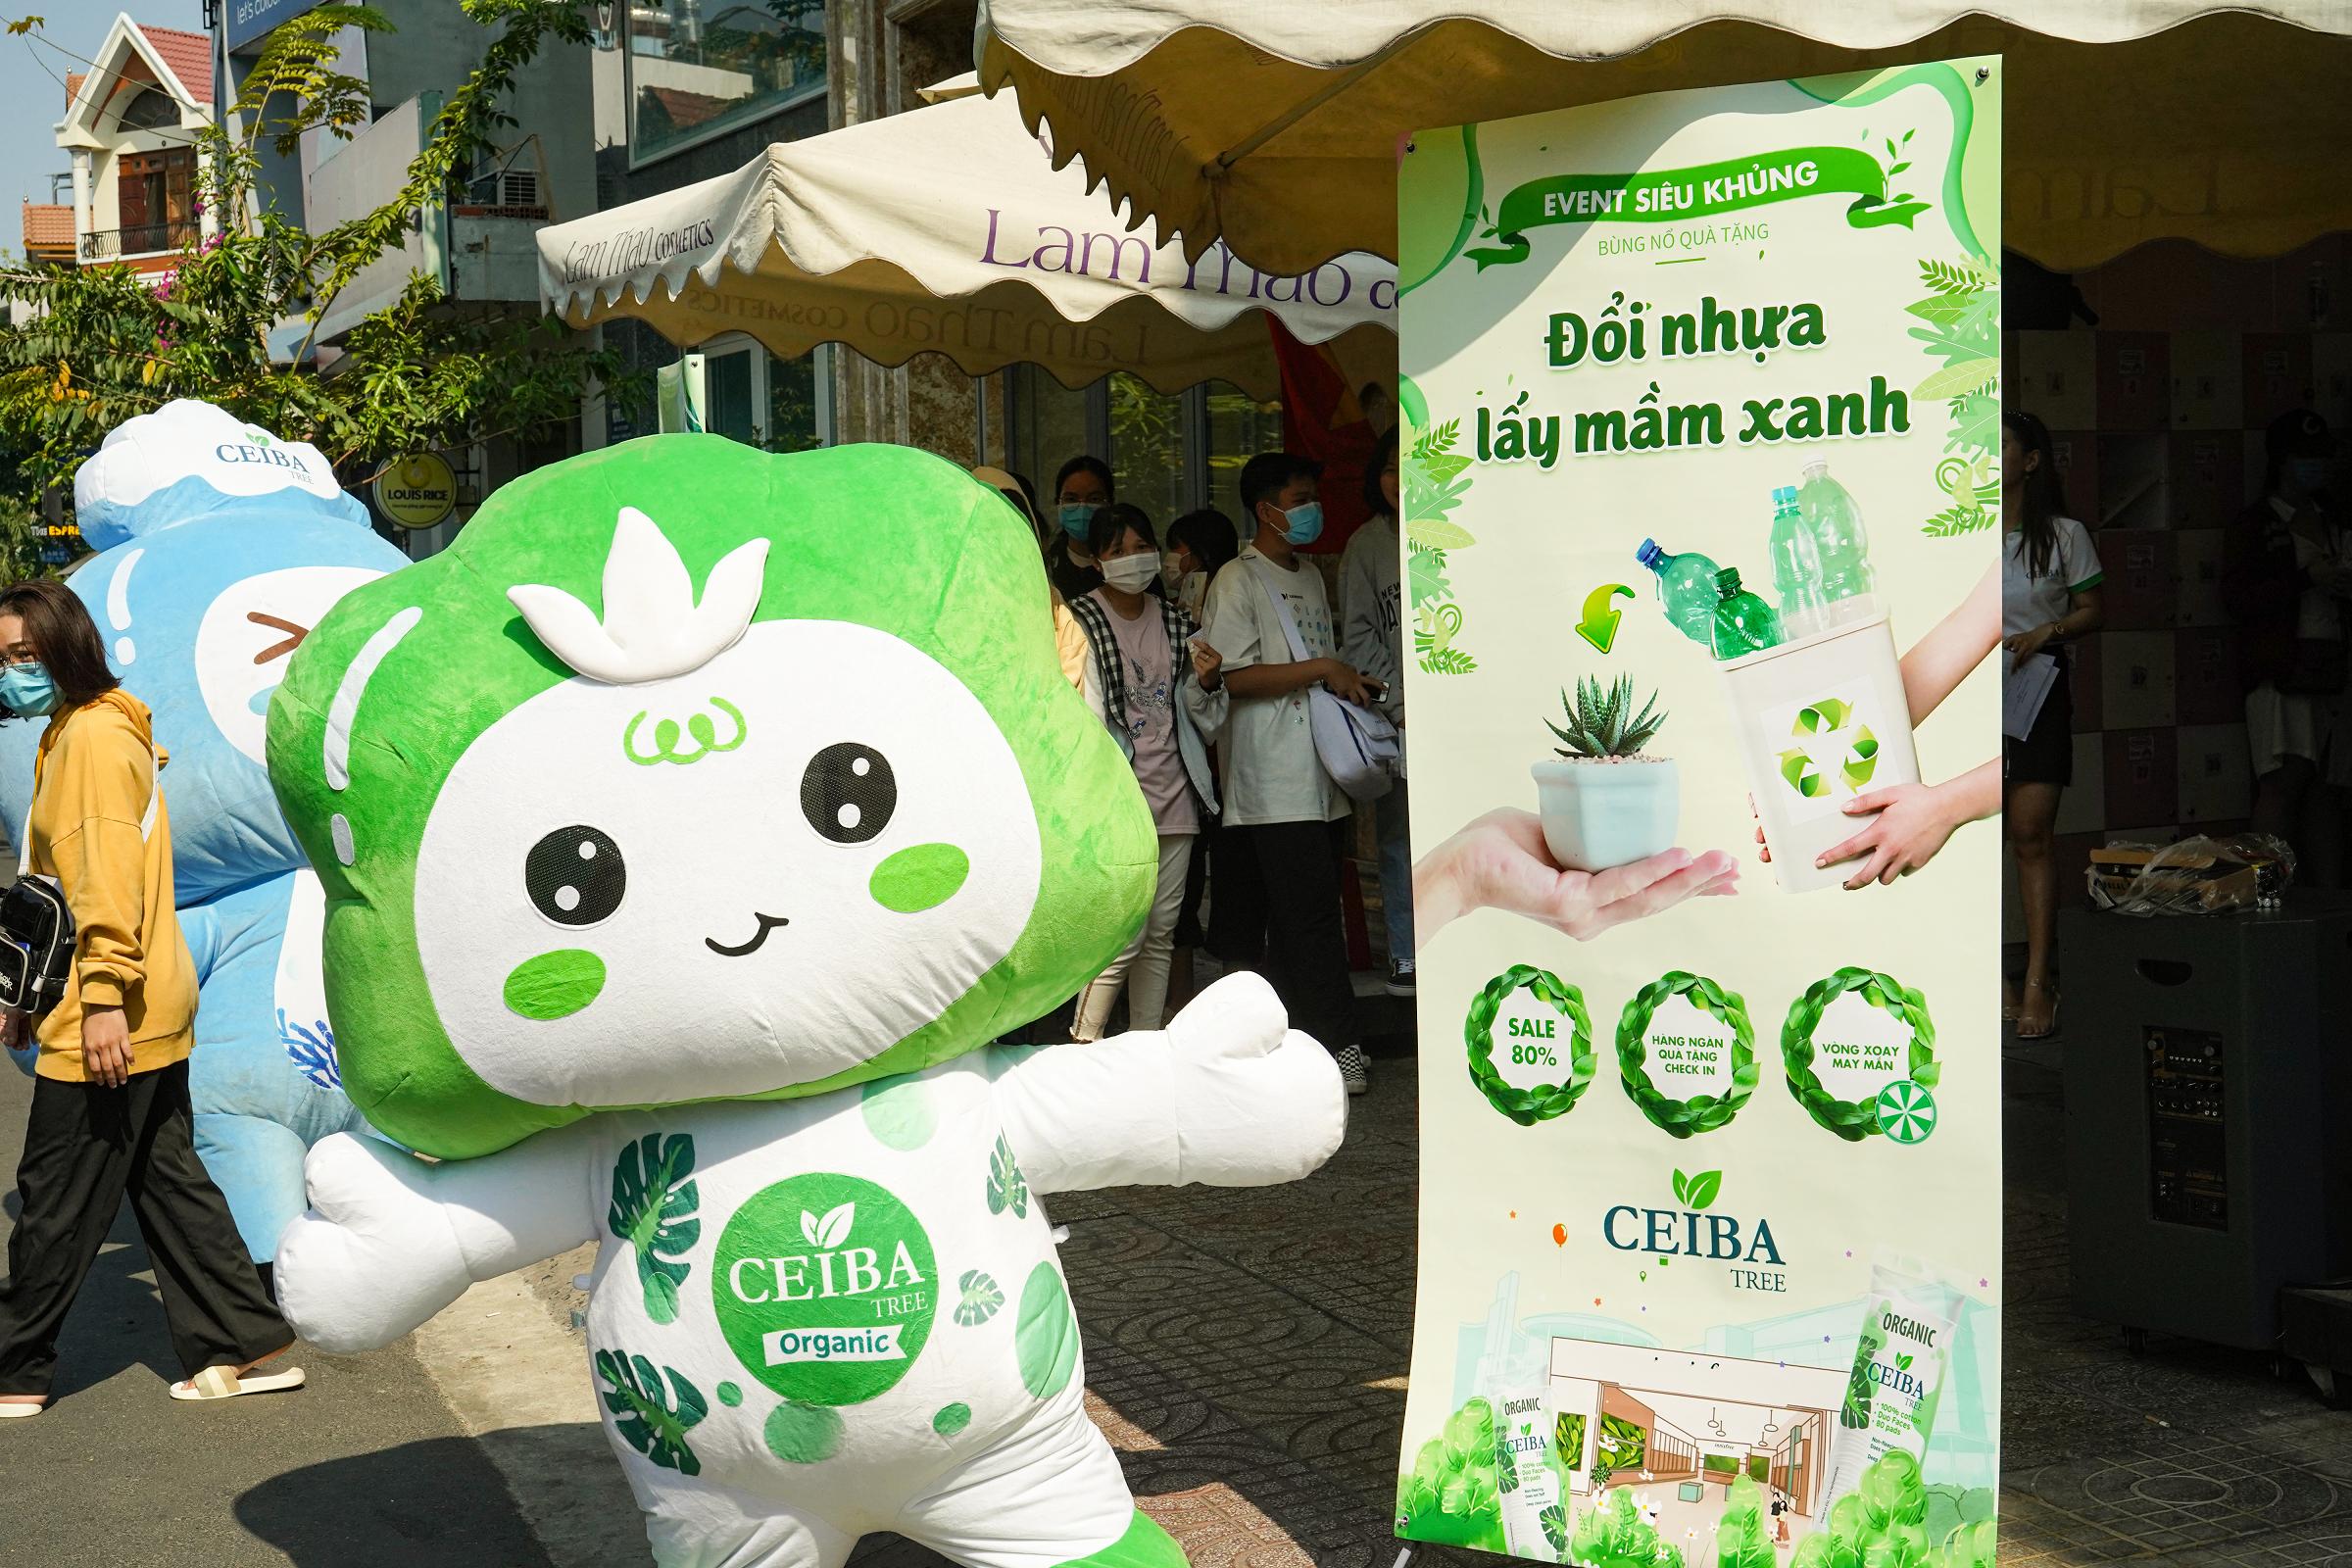 Sự kiện Đổi nhựa lấy mầm xanh thu hút hơn 200 bạn trẻ.